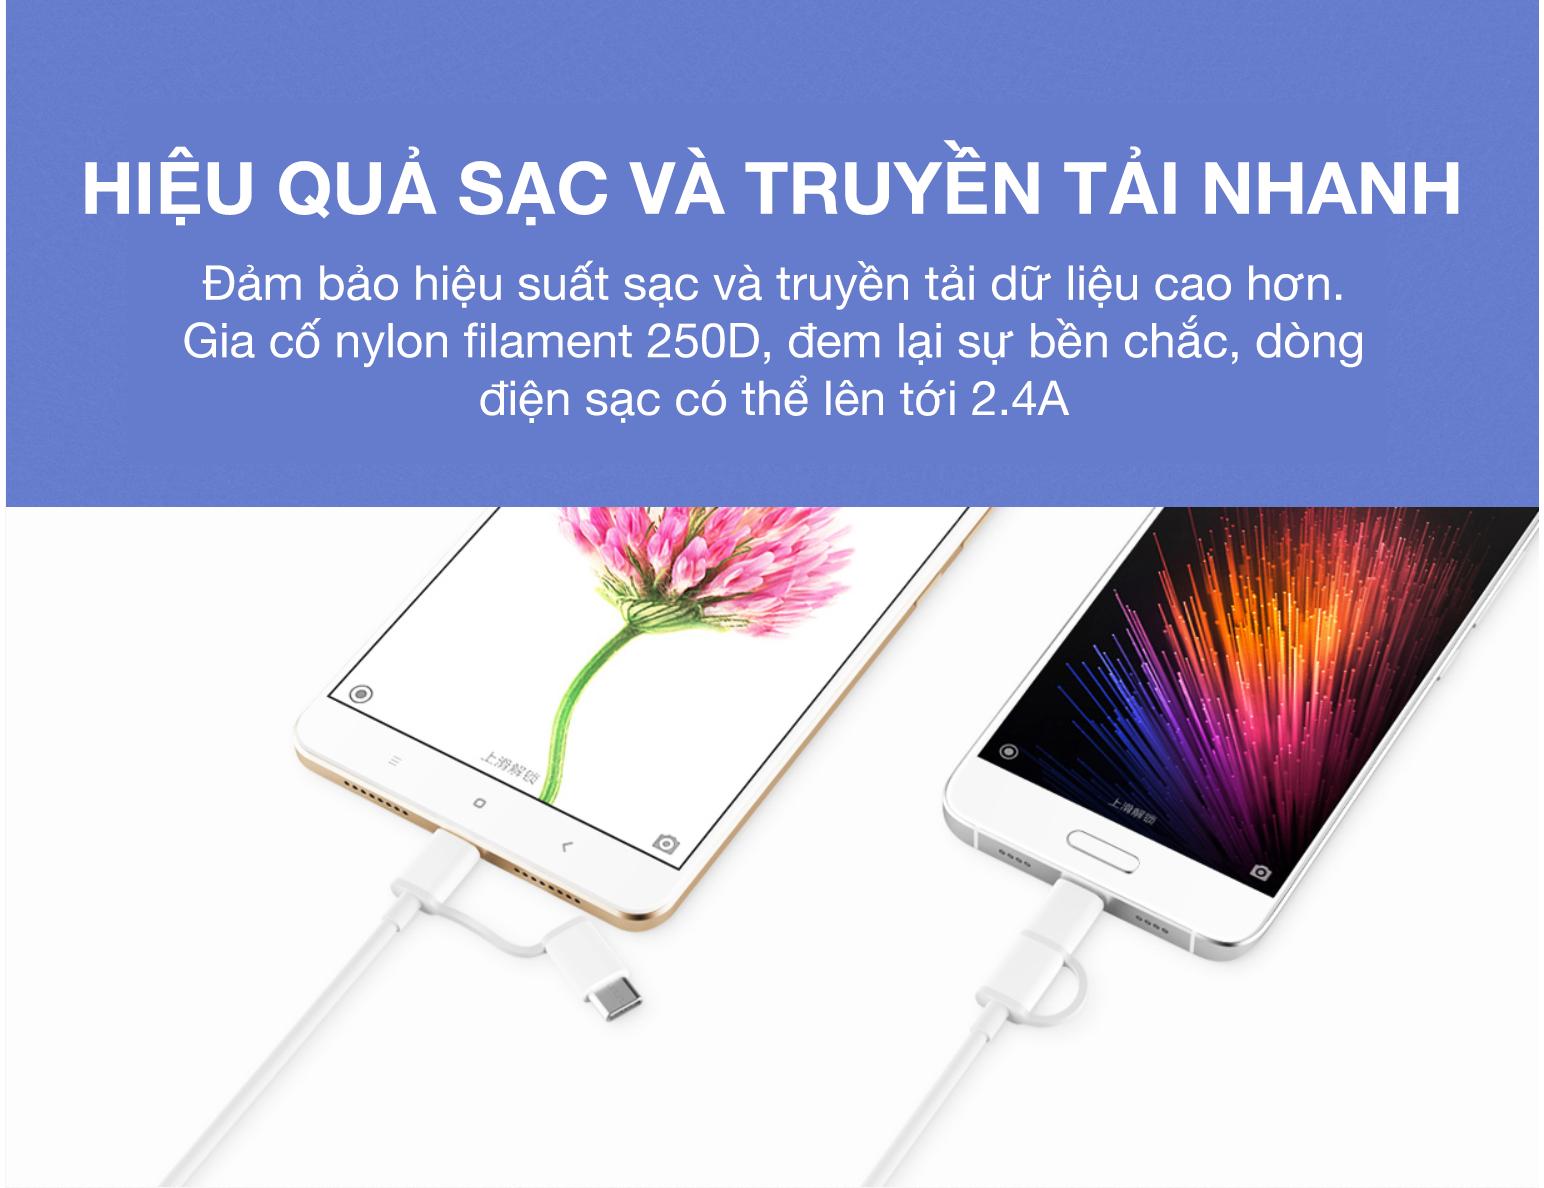 Dây Cáp Sạc Đa Năng 2 Trong 1 USB Type-C / Micro USB Xiaomi SJV4082TY (1m) - Hàng Chính Hãng